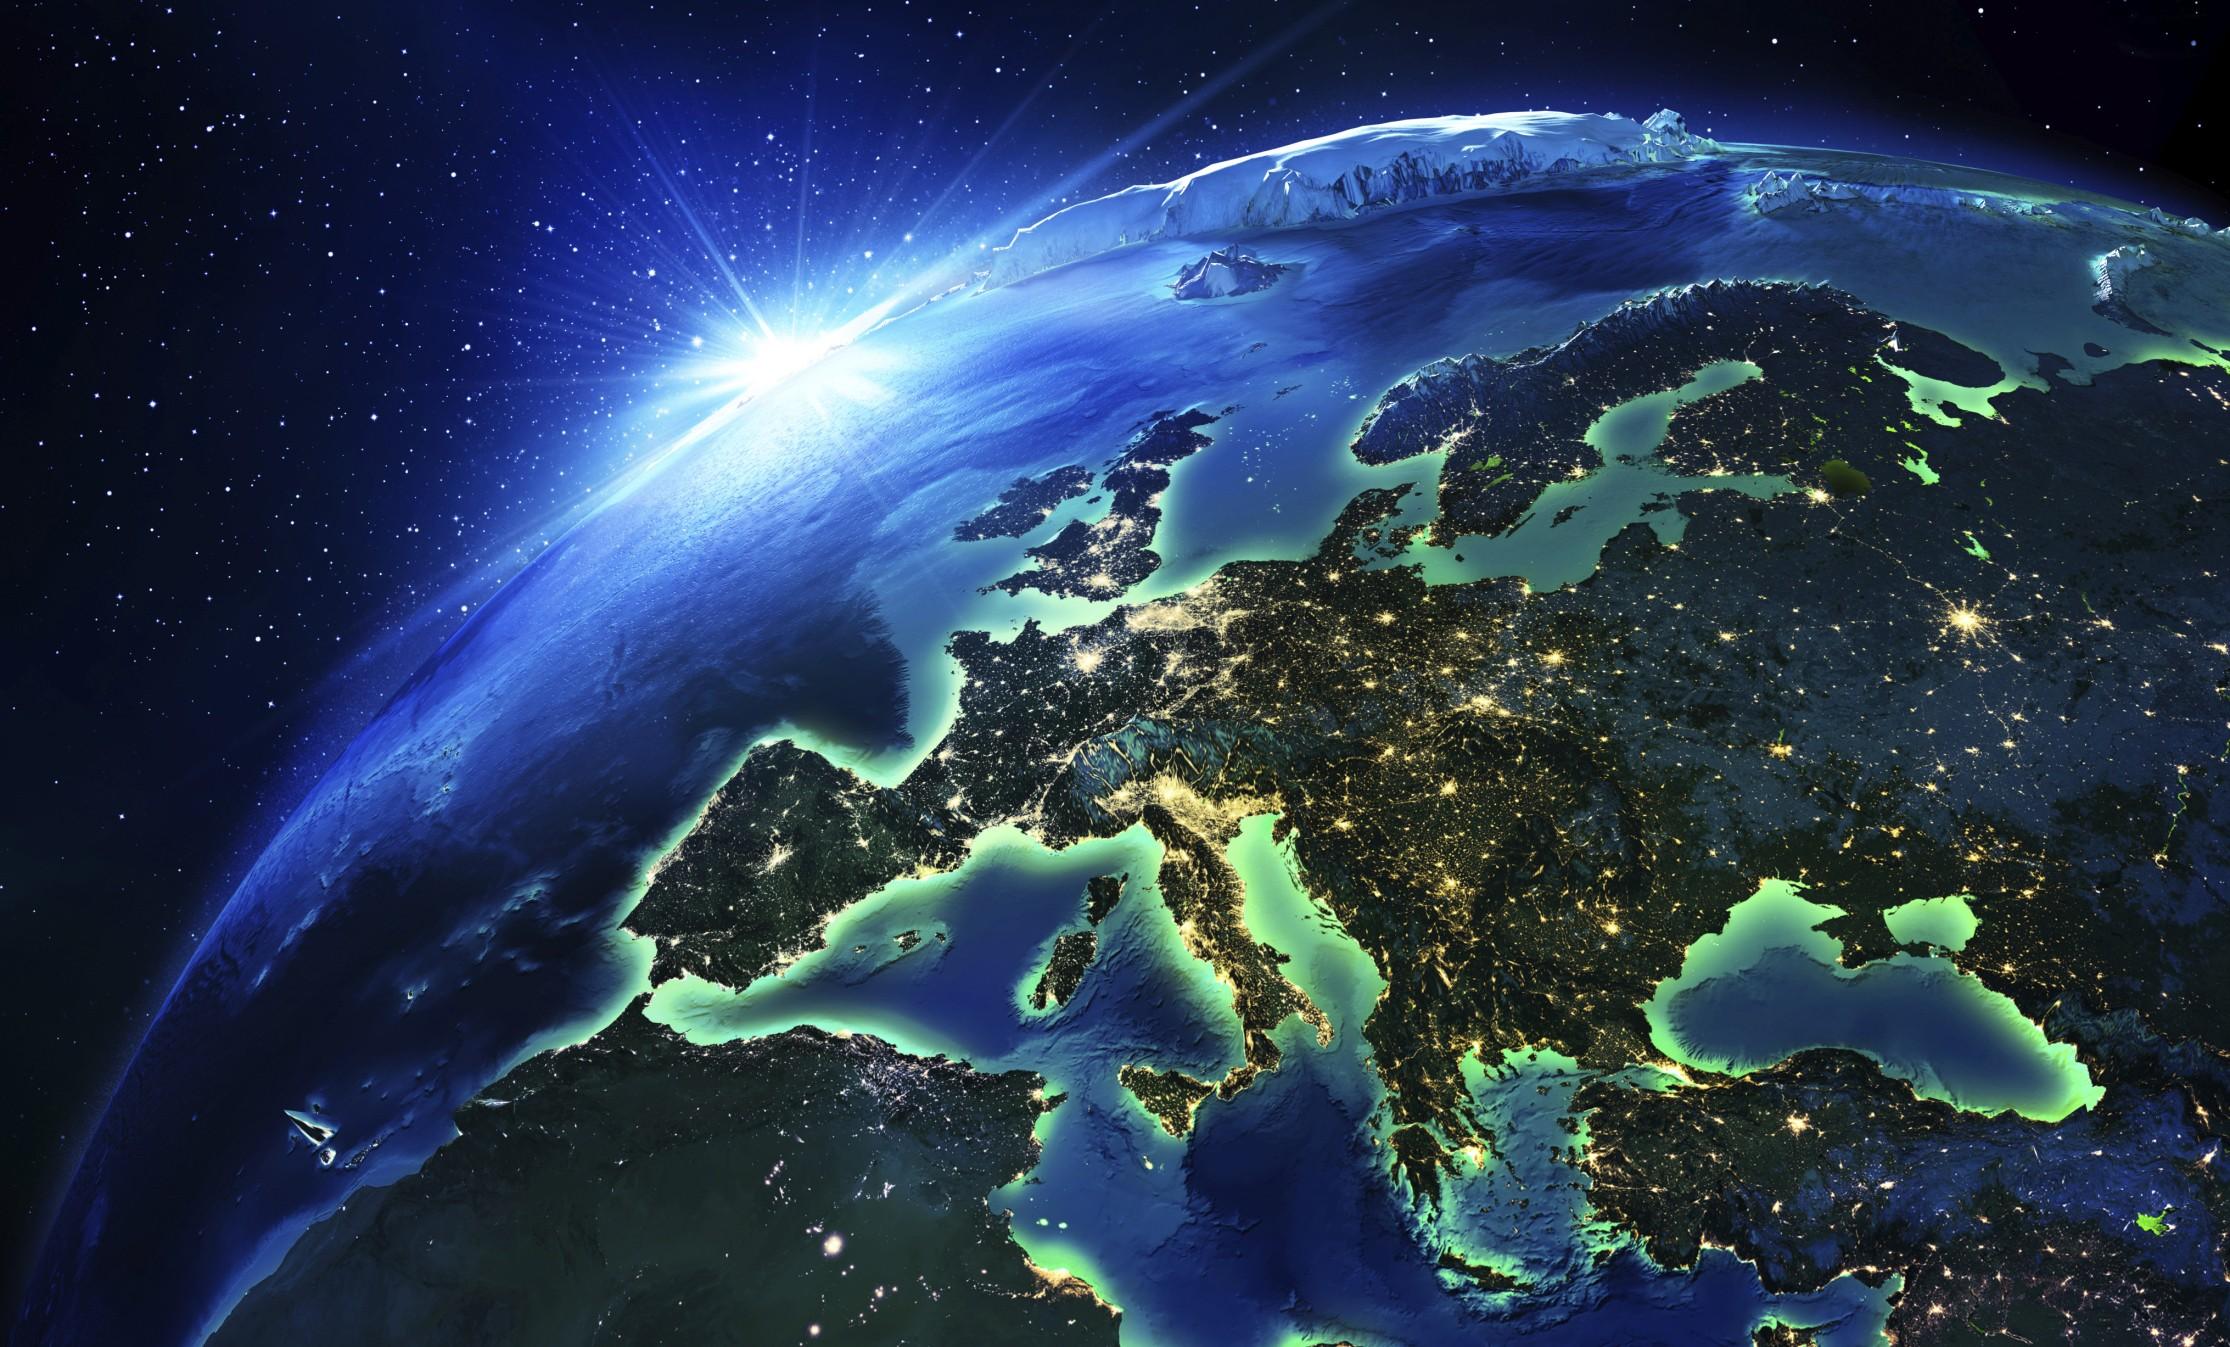 фото земного шара из космоса высокого разрешения его